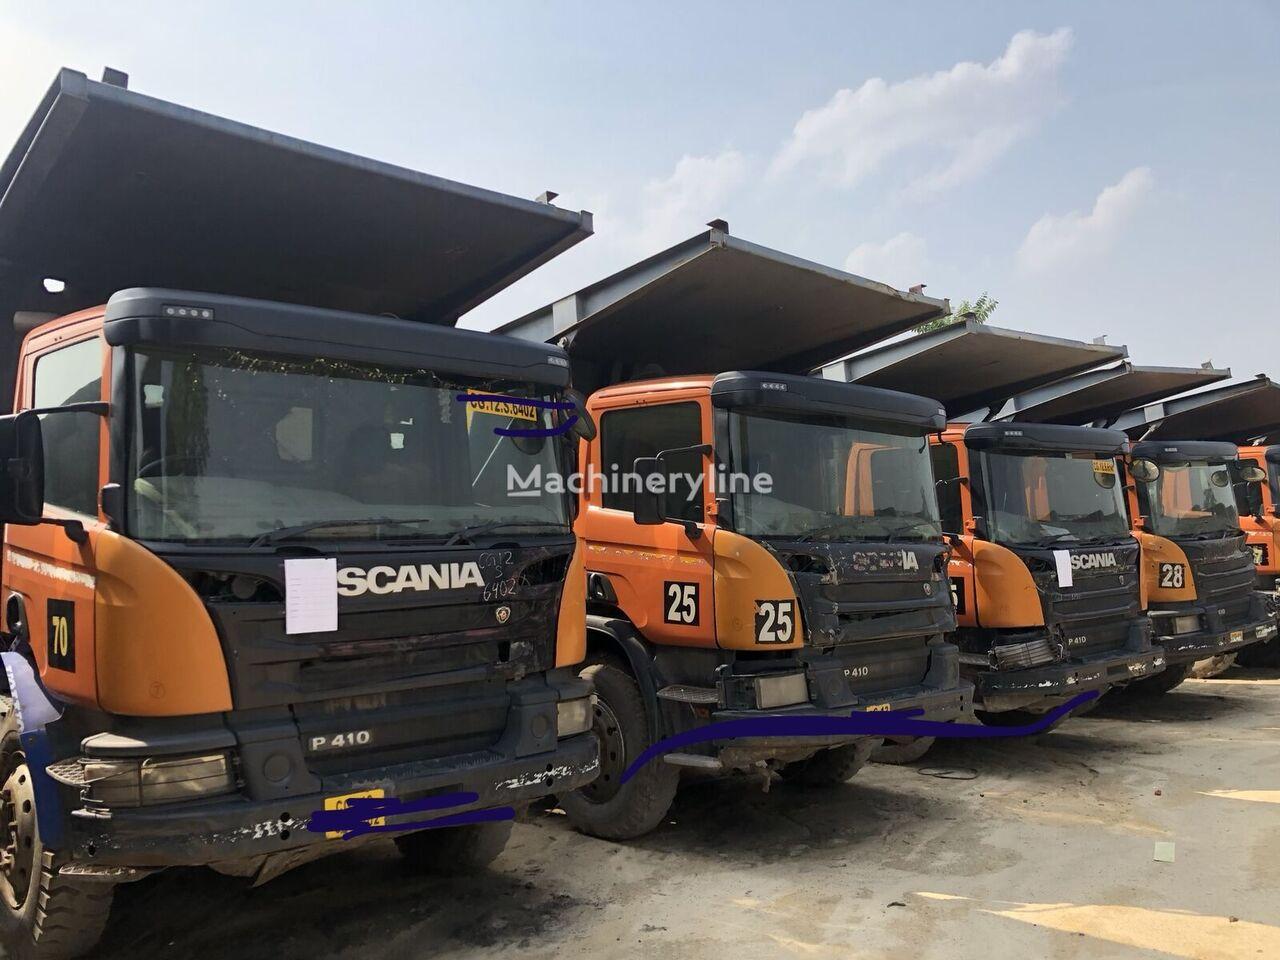 SCANIA P410 billenős teherautó